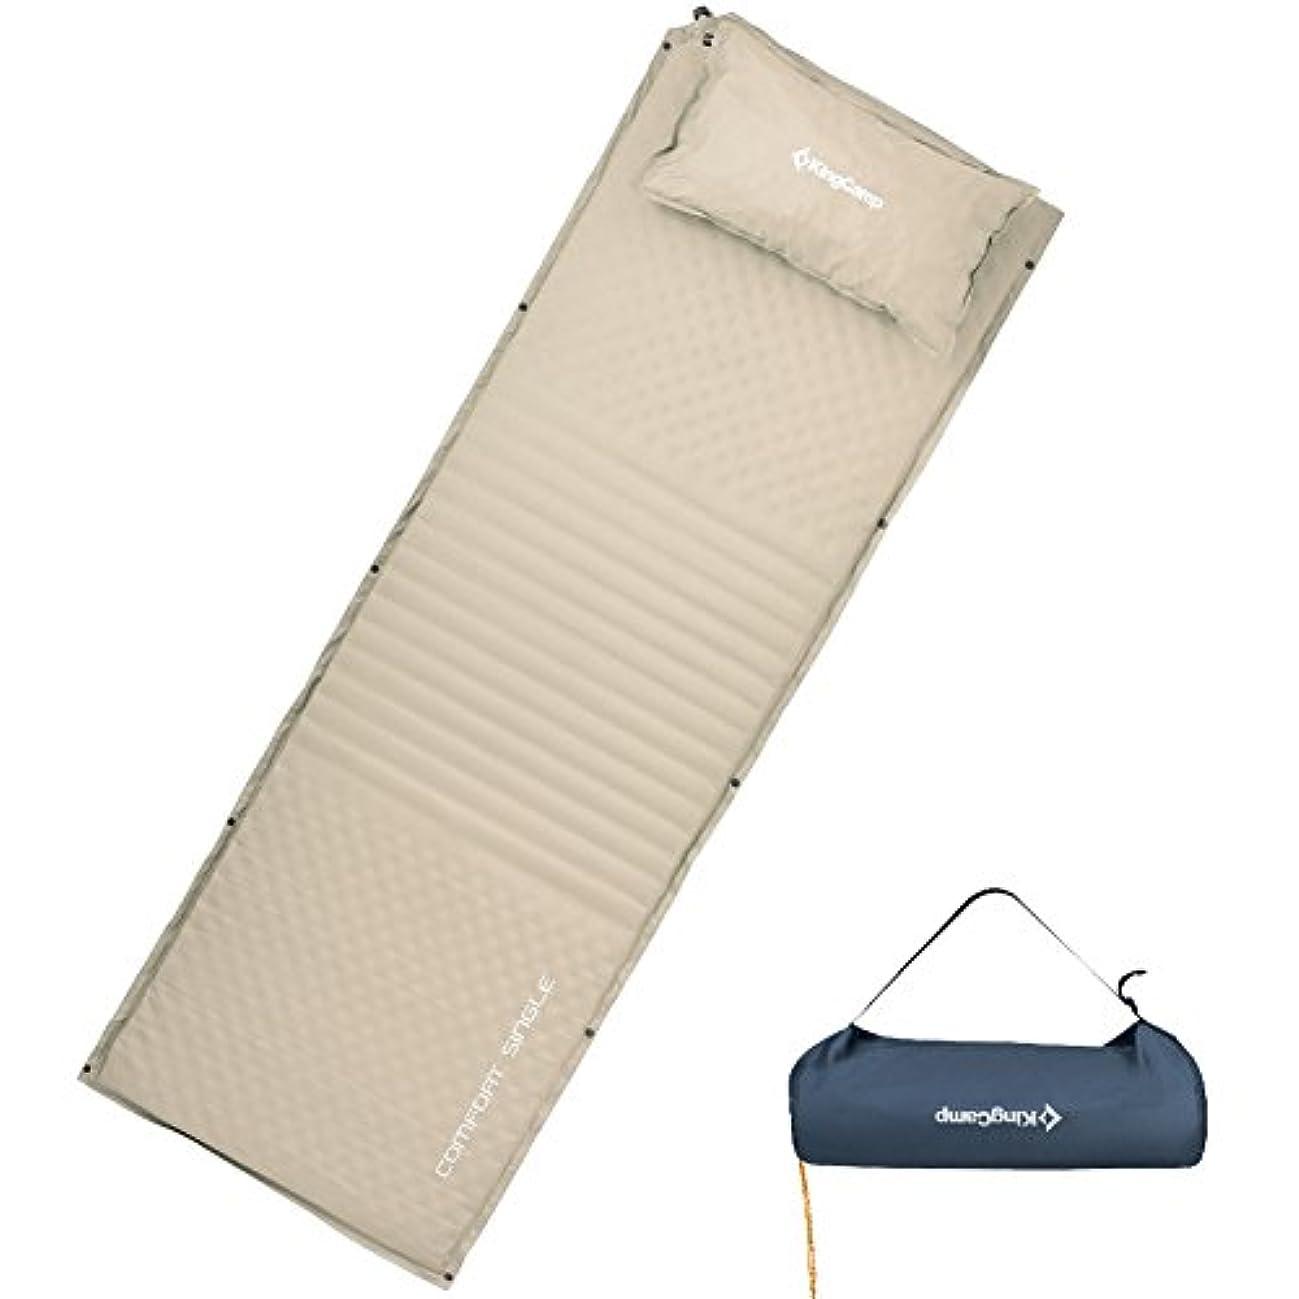 偉業こっそりまあKingCamp Sleeping Pad with Oversize枕Self InflatingトリプルゾーンXLマットレスSpliced damp-proof耐久性100 %ポリエステル75d Micro Brushed快適軽量キャンプハイキングバックパッキング